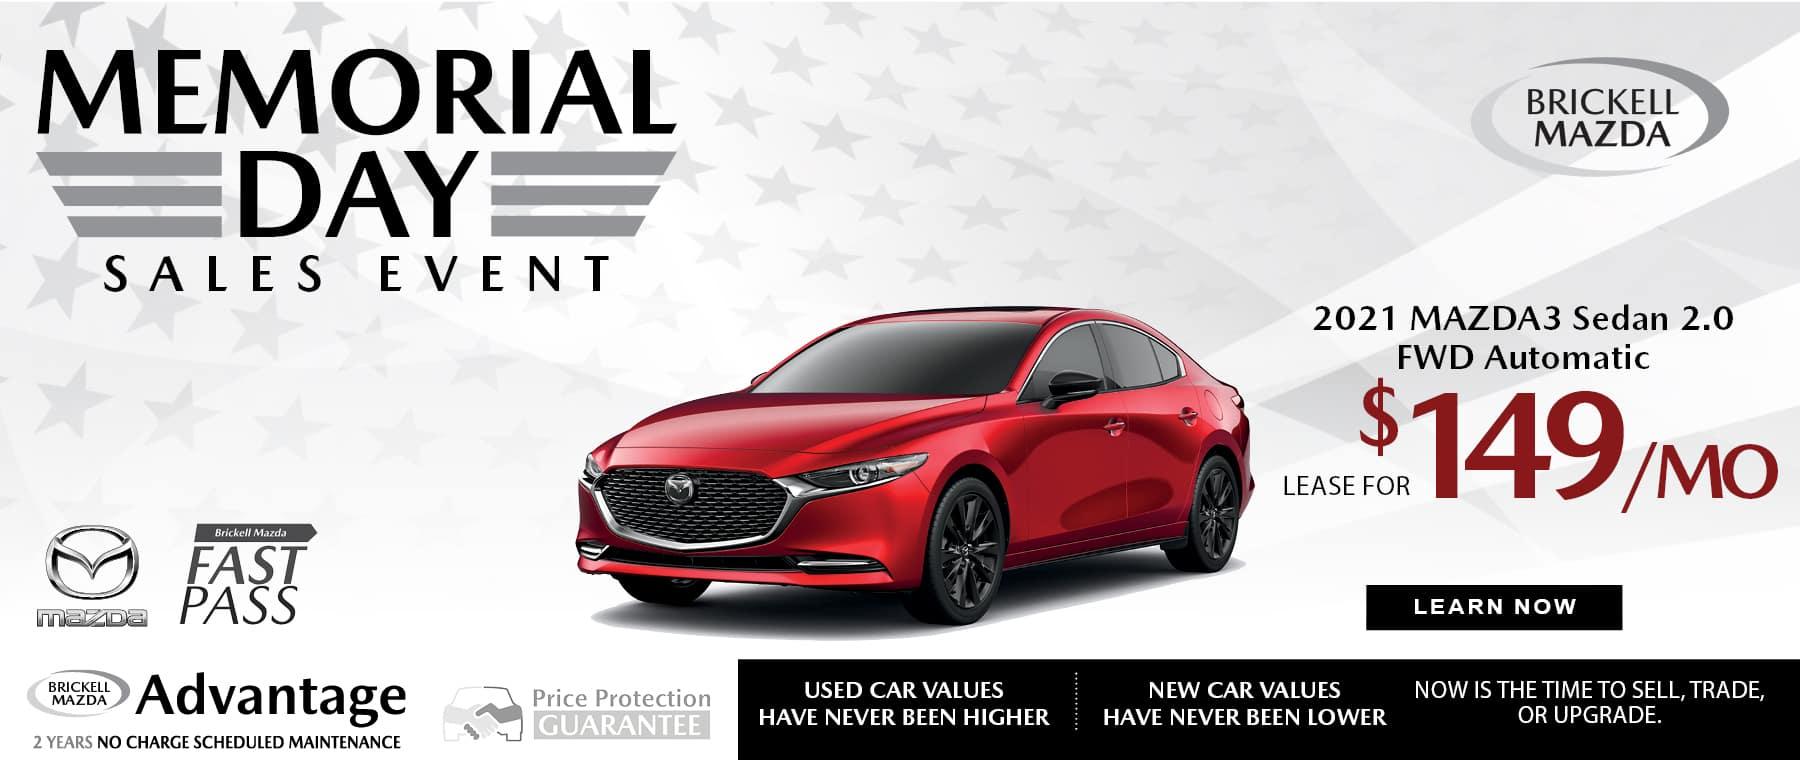 red 2021 Mazda3 sedan